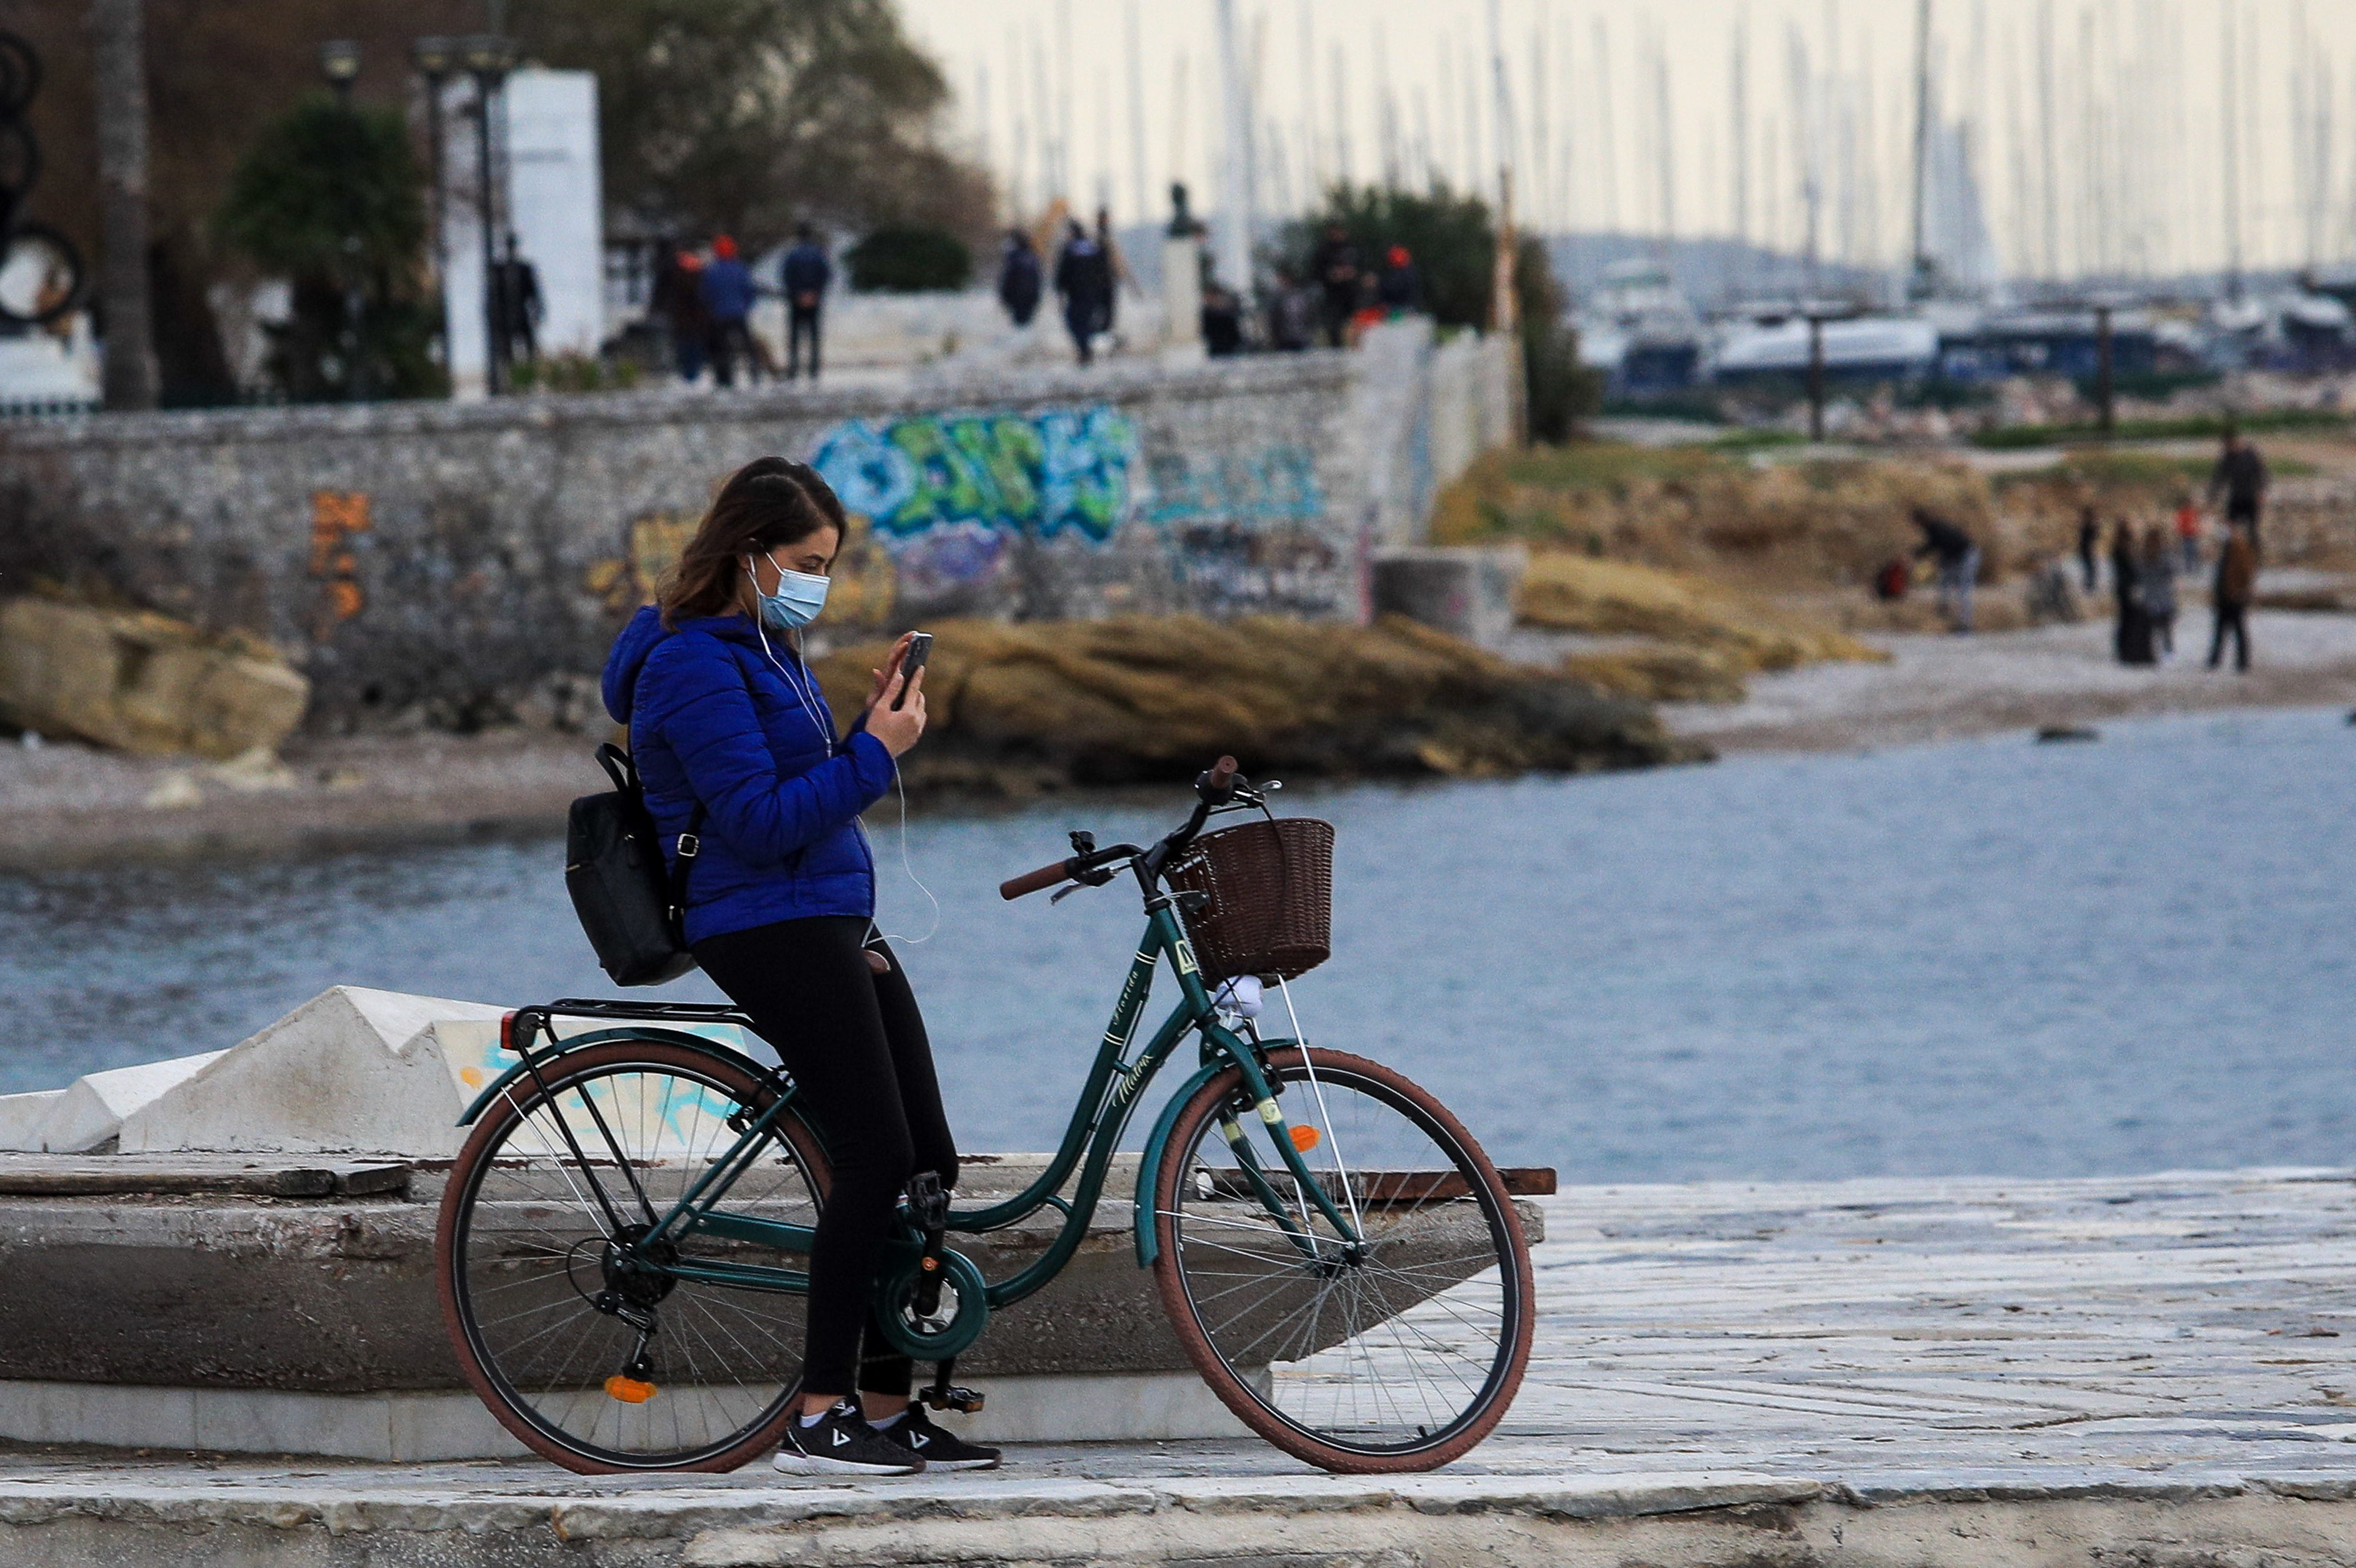 Βόλτα με ποδήλατο κορονοϊός lockdown